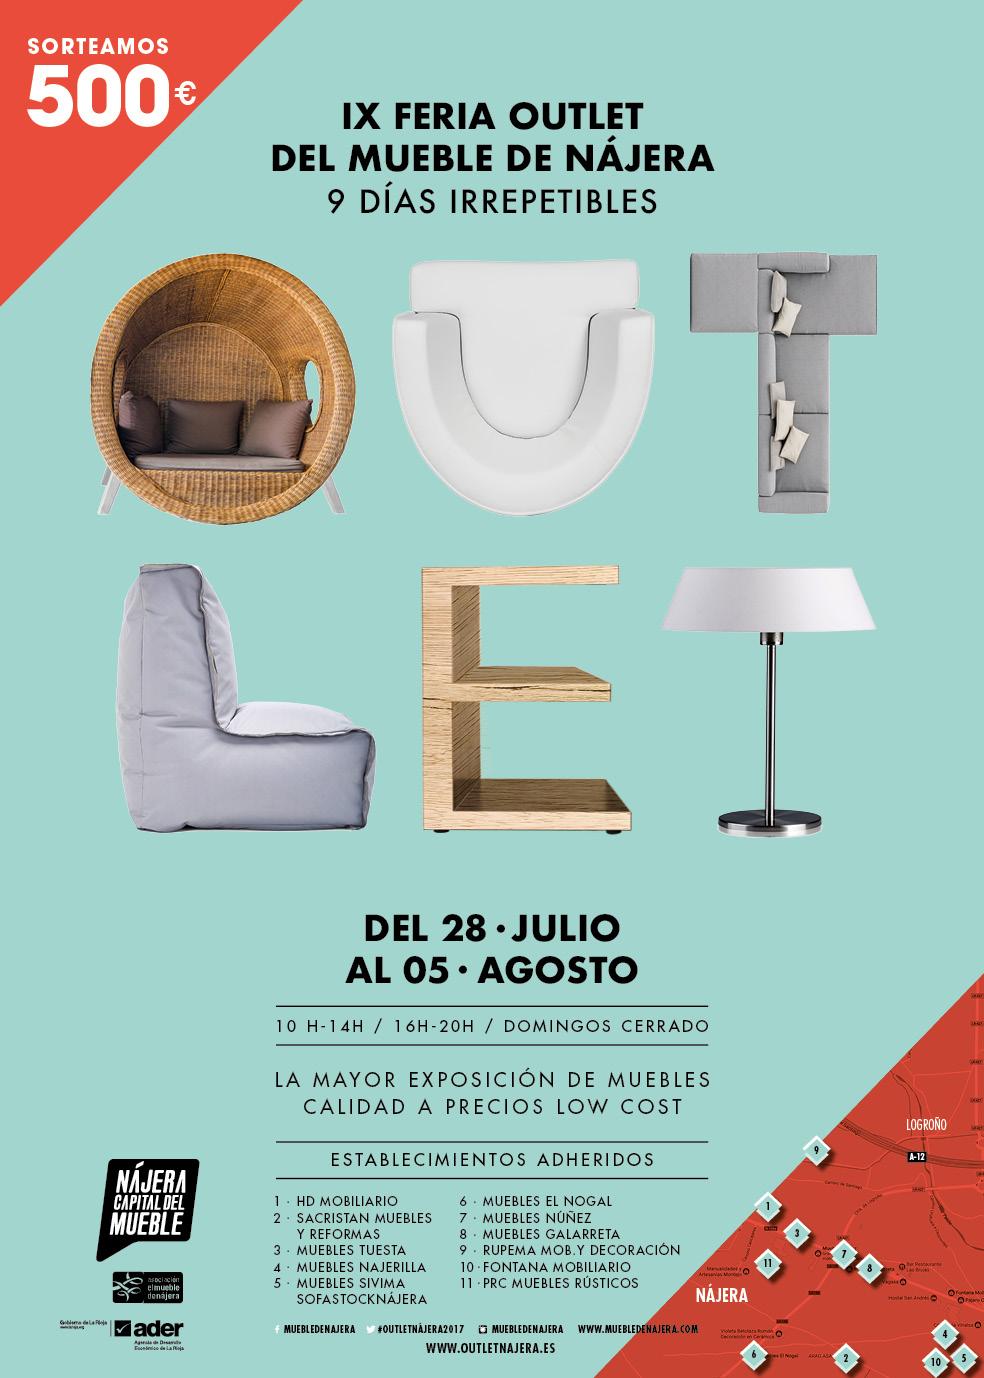 Ix Feria Outlet Del Mueble En N Jera Archivos Mobiliario Hd # Muebles Najerilla